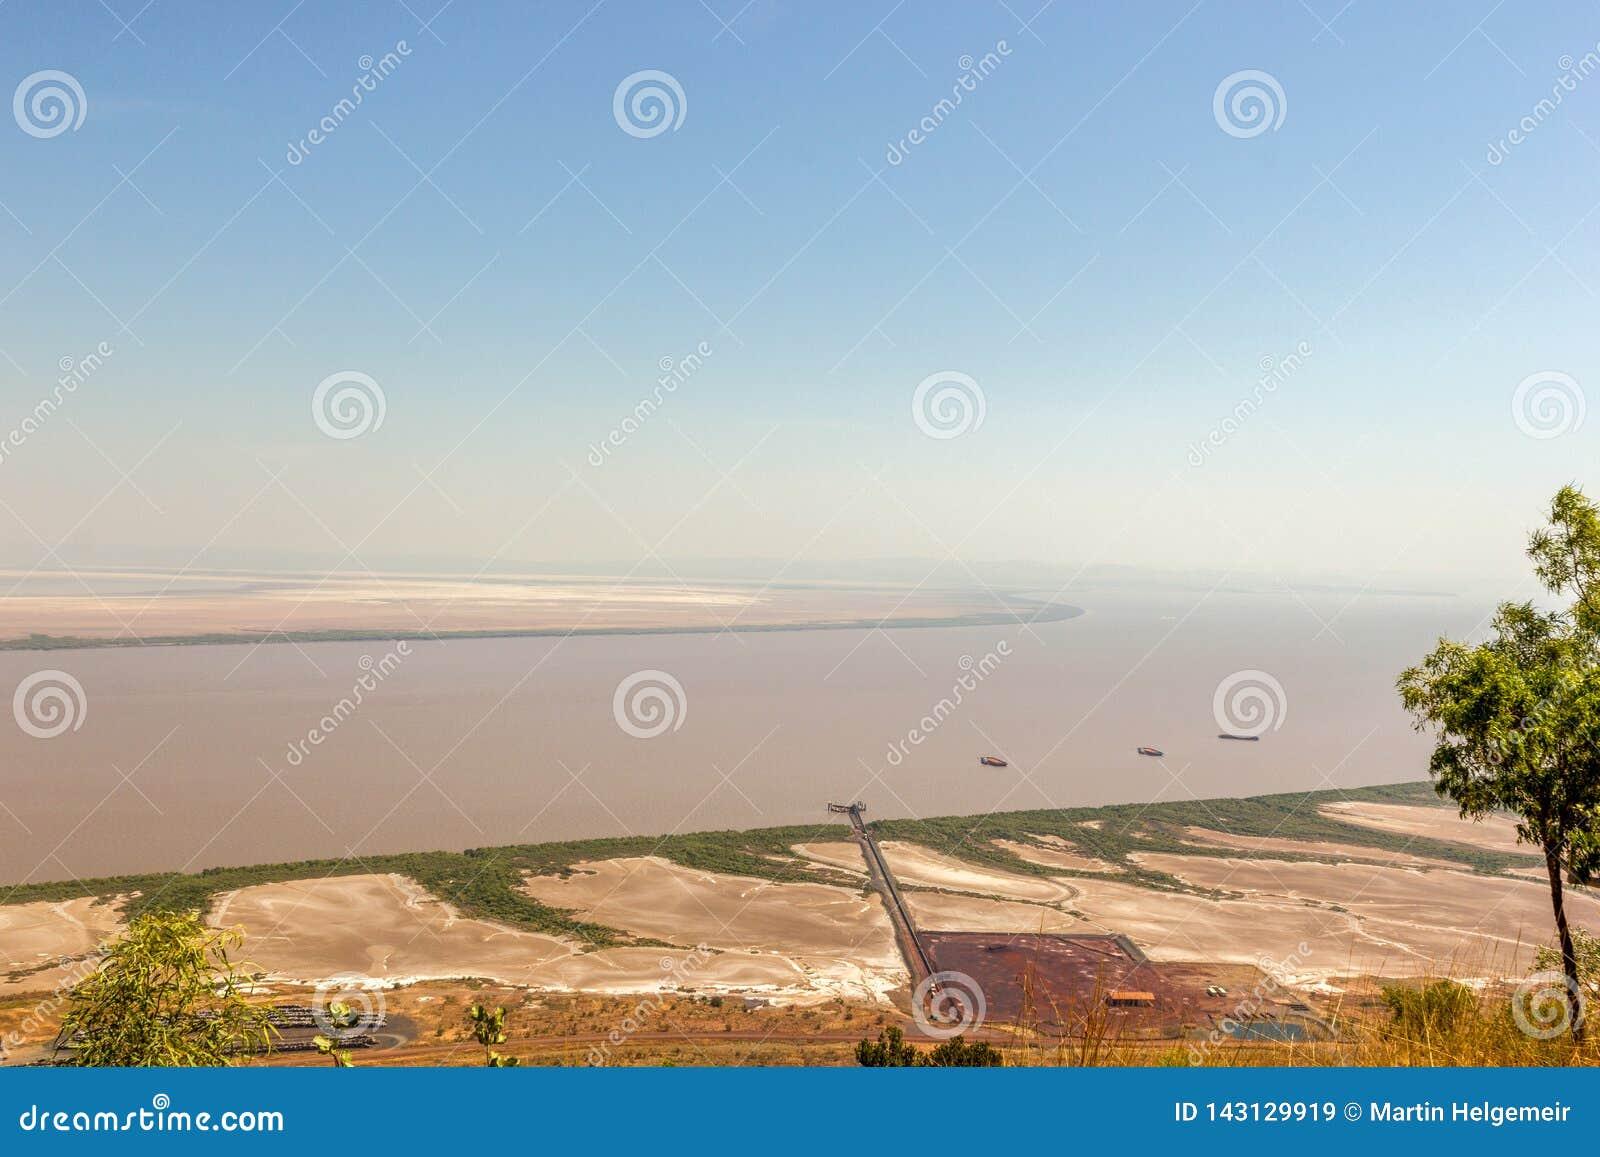 Sławny punkt obserwacyjny w zachodniej australii dokąd pięć rzek majestatyczny spotkanie, zachodnia australia